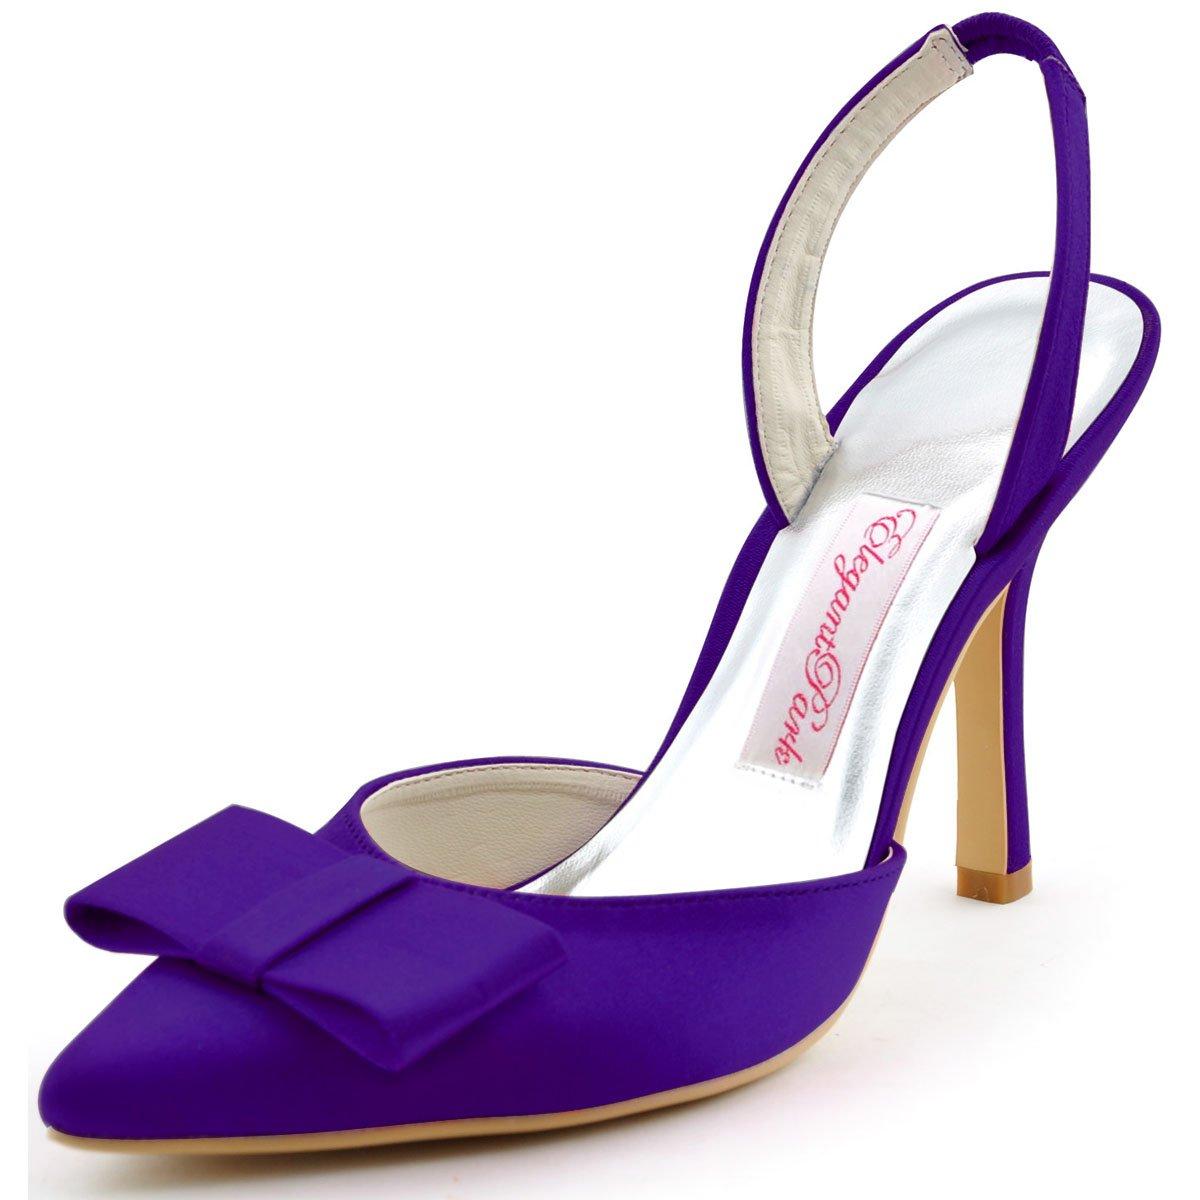 Elegantpark HC1404 Violet bout arrière pointu arc bride arrière Satin Escarpins Femmes sandale Satin Chaussures de mariée Violet 0954841 - epictionpvp.space